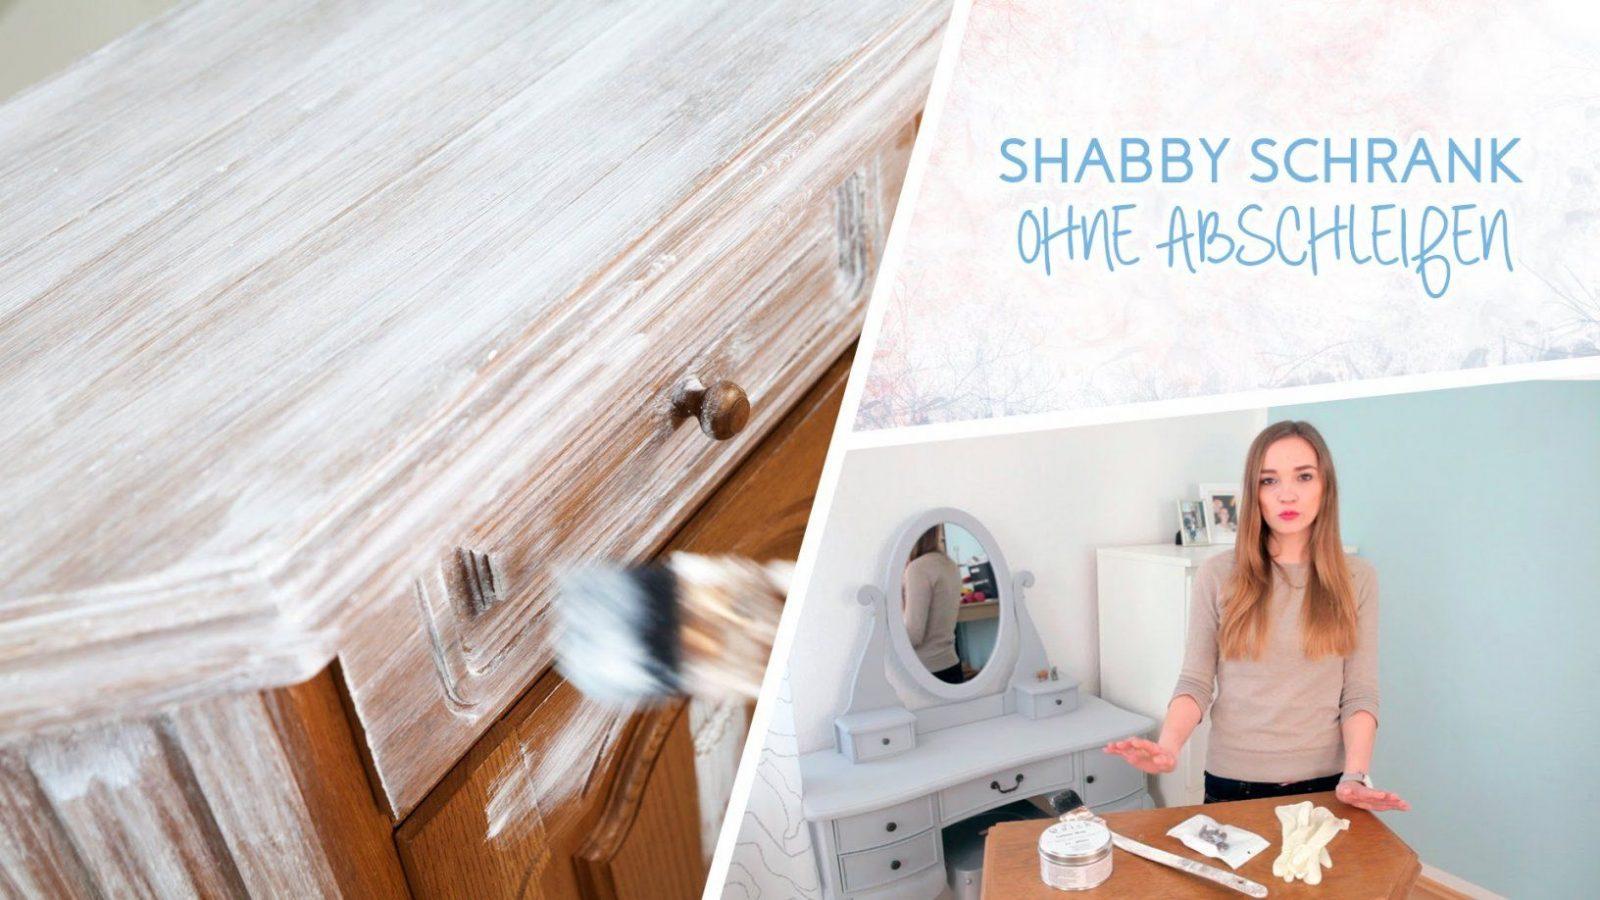 How To Schrank Im Shabby Chic Stil Streichen Ohne Abscheifen  Youtube von Türen Streichen Ohne Schleifen Photo